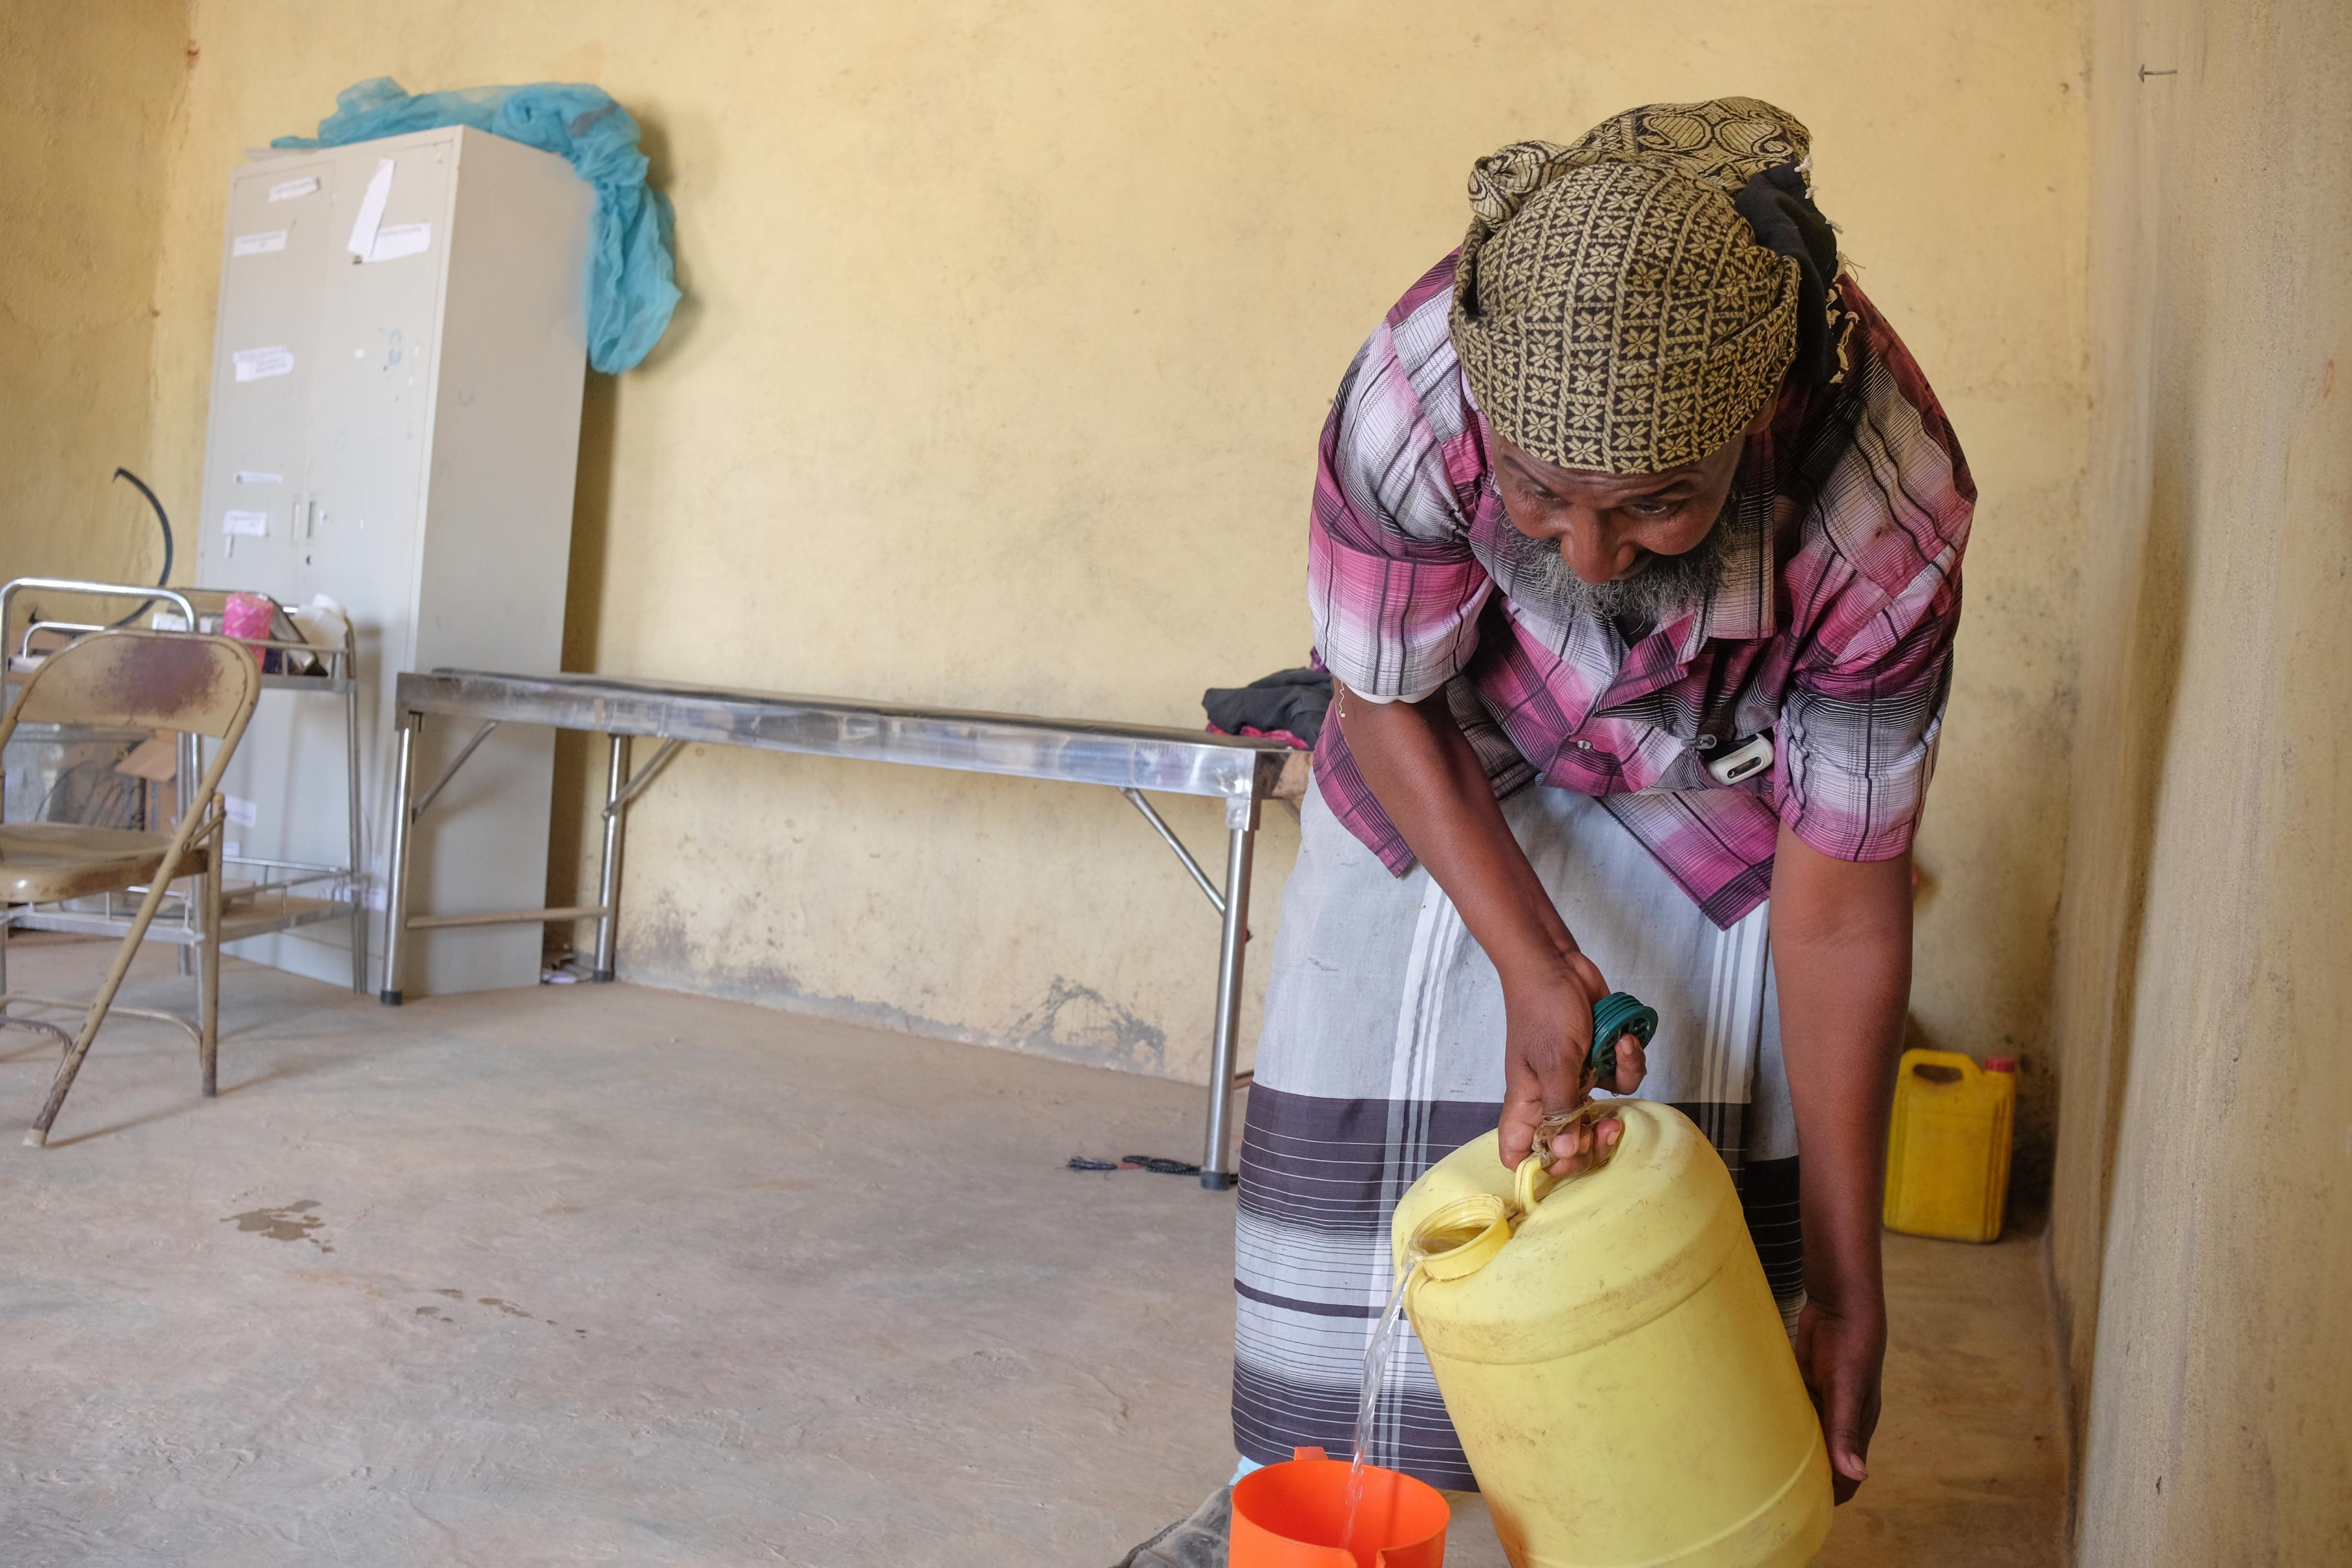 Abdile mischt Wasser mit einem Elektrolyt-Sirup, der einer Dehydrierung vorbeugen soll.